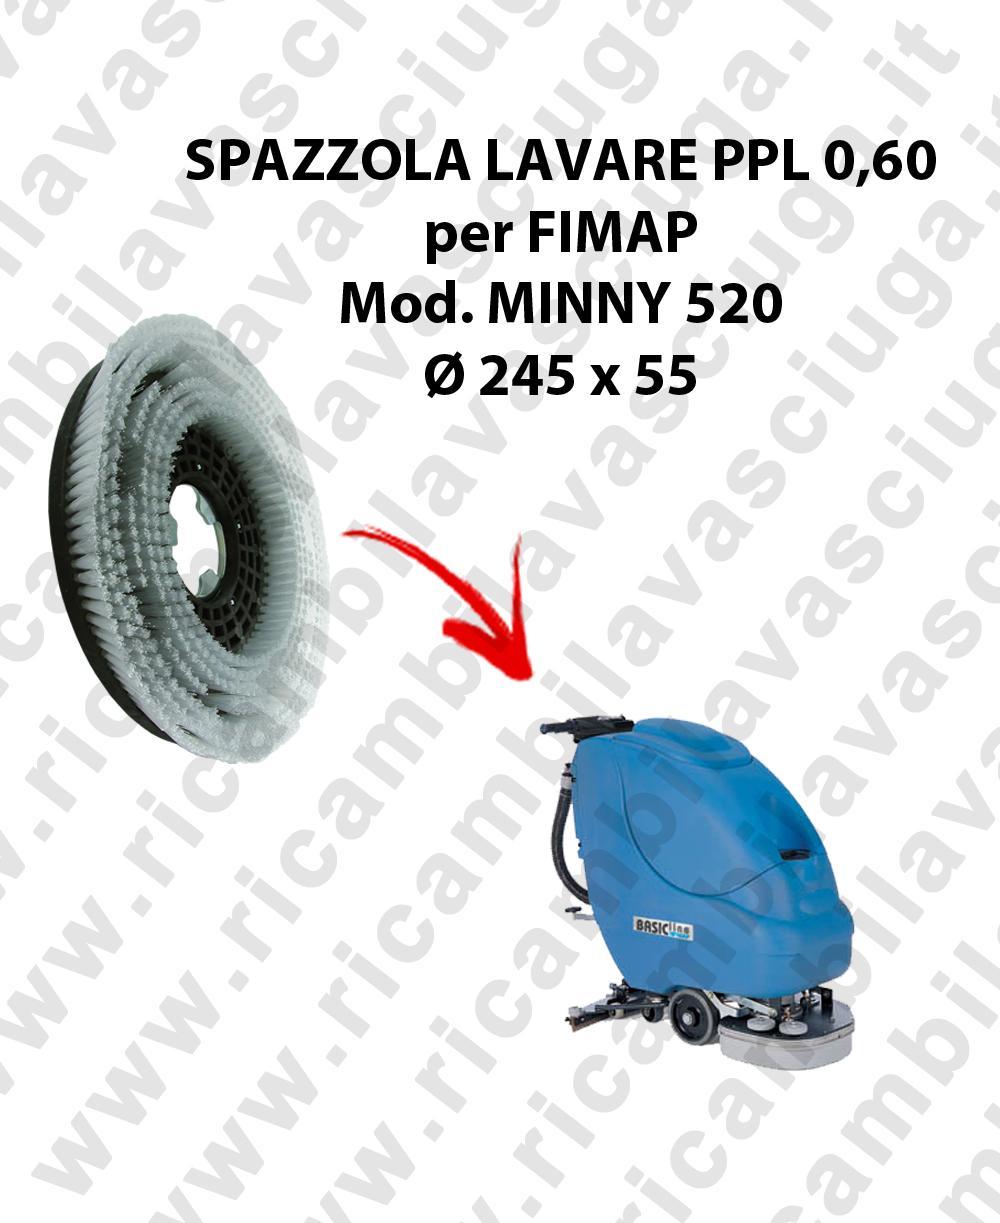 Brosse de laver  pour autolaveuses FIMAP modelle MINNY 520 diamétre  245 x 55 PPL 0,60